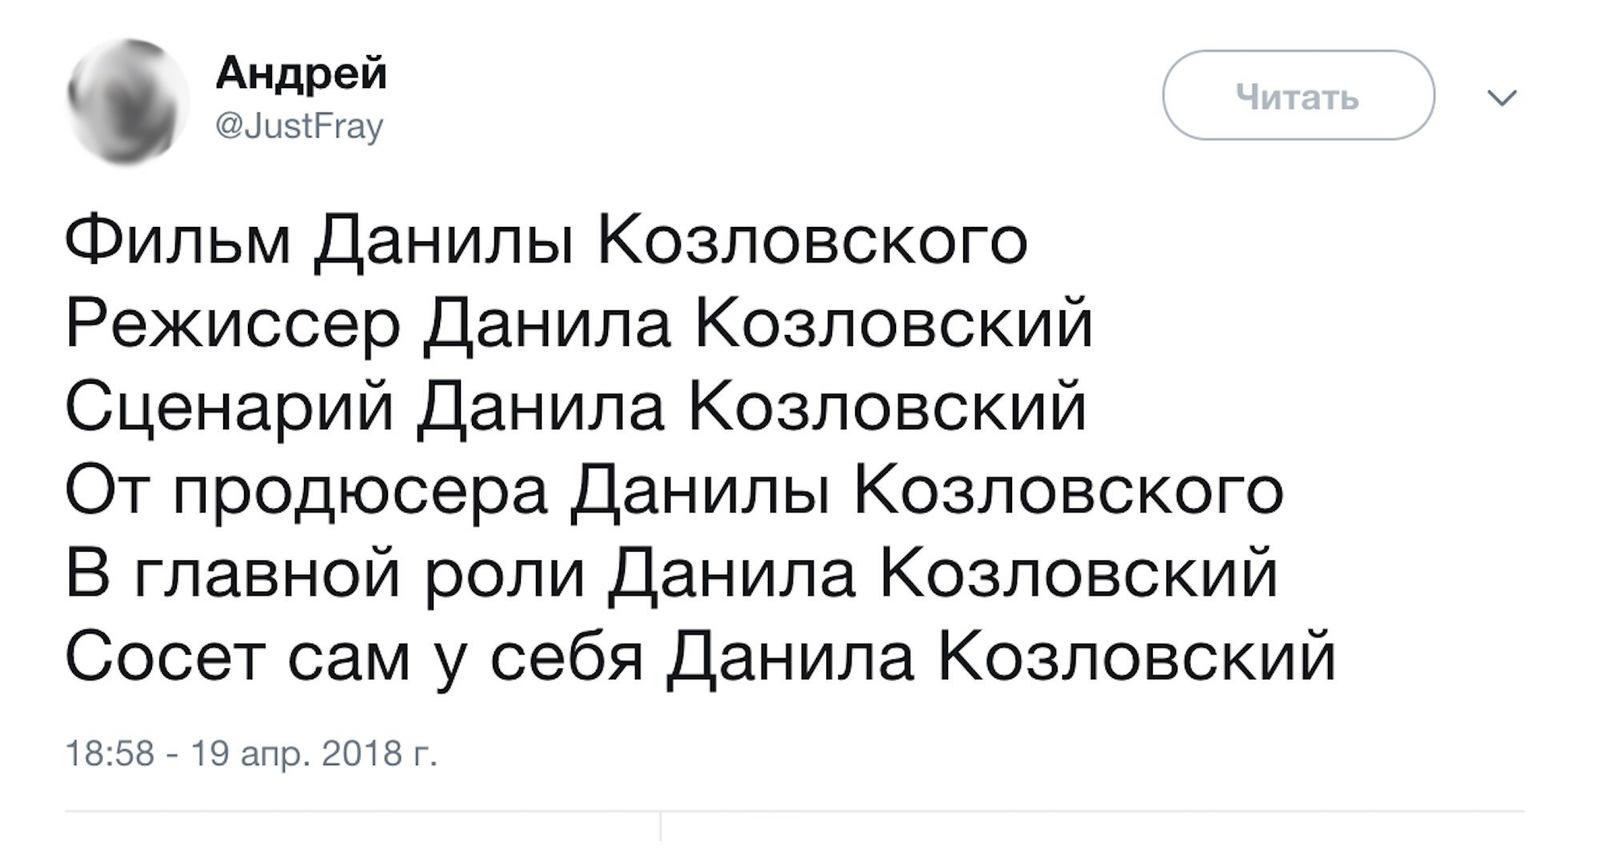 Козловский сосет